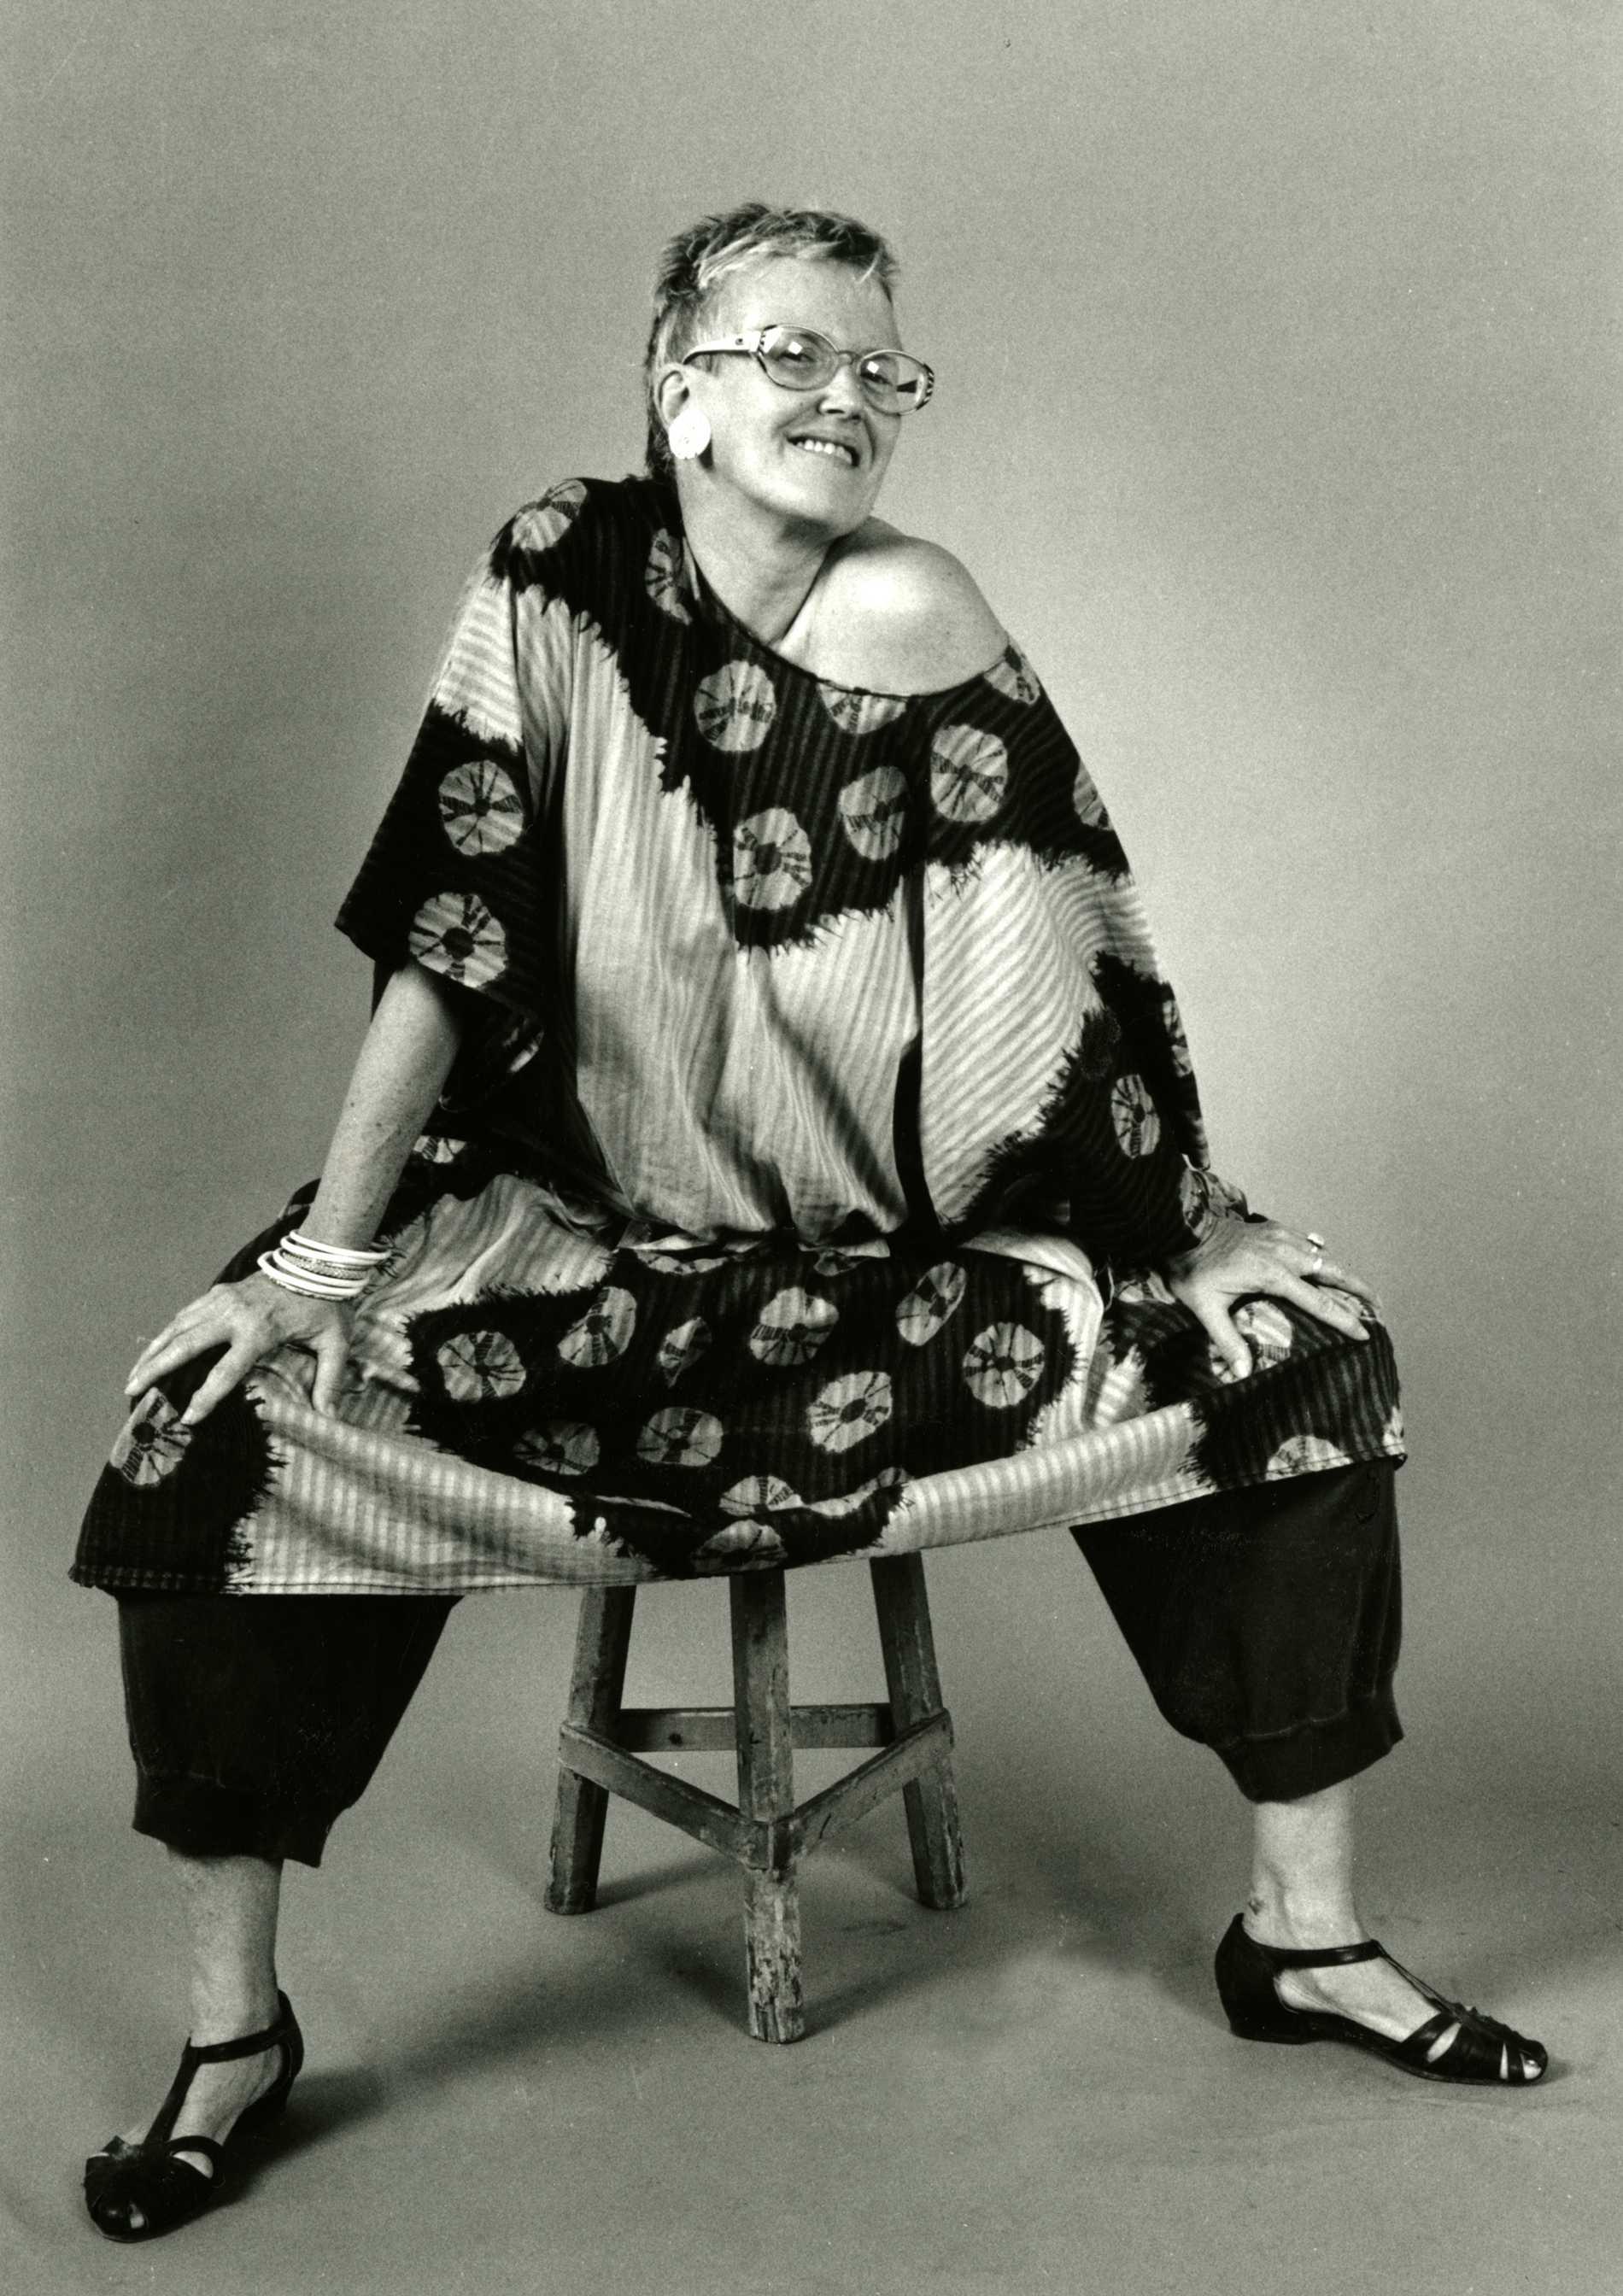 Författaren, illustratören och feministikonen Kerstin Thorvall avled 2010, 84 år gammal. Foto: Nicolai Jacobsen